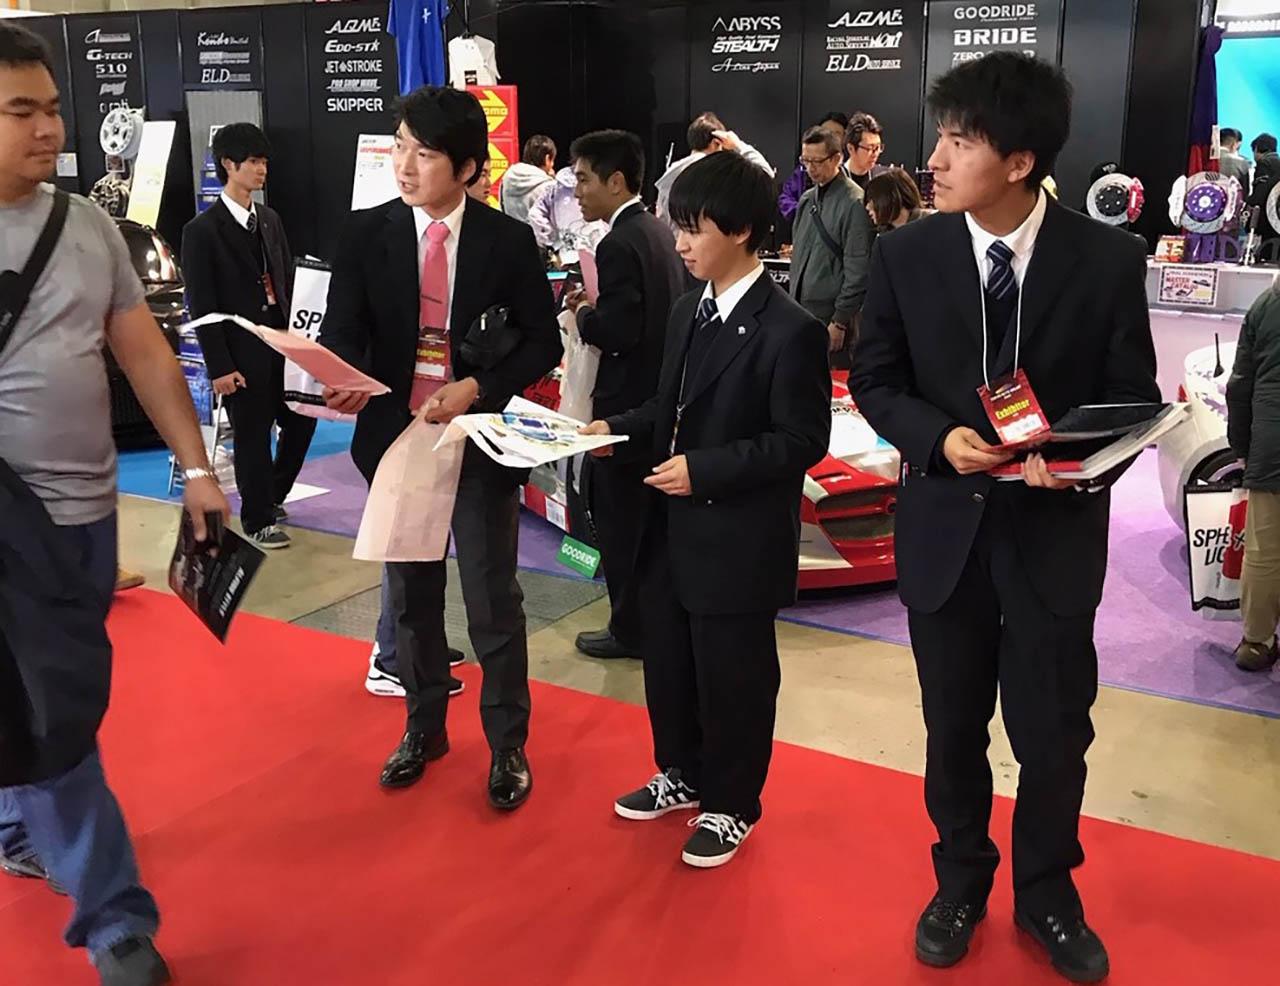 「部活がやりたい! 廃部処分の「原動機研究部」高校生が東京オートサロン2020で署名活動」の2枚目の画像